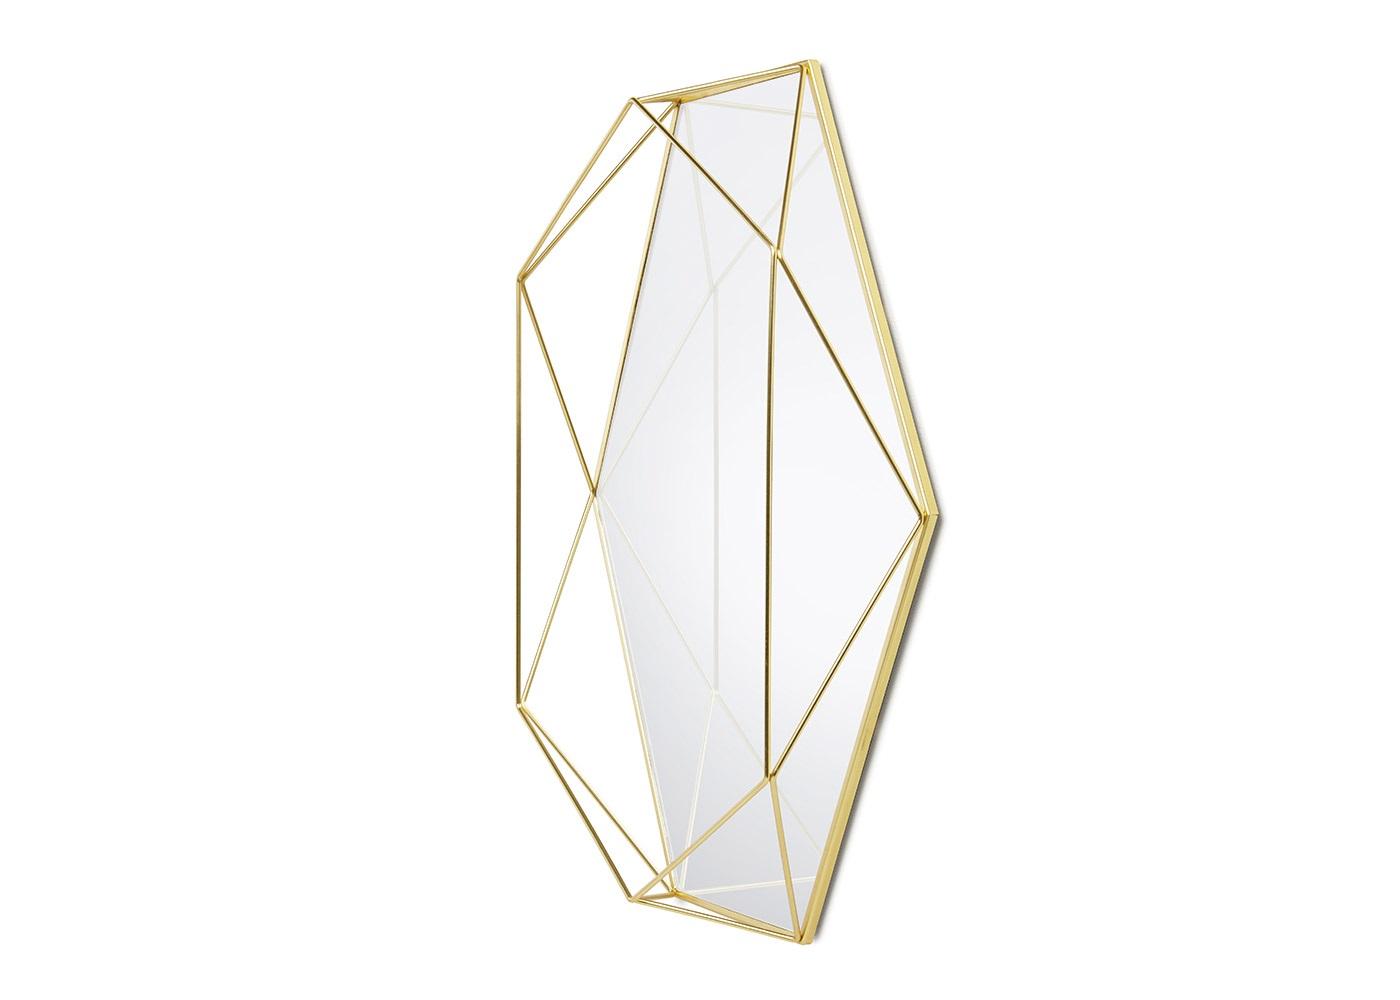 Зеркало декоративное prismaНастенные зеркала<br>Пополнение семейства Prisma: изделия из стальной проволоки выглядят эффектно и футуристично, постоянно привлекая внимание гостей. Легкие, не собирающие пыль и легко перемещающиеся и трансформирующиеся украшения могут стать изюминкой интерьера. Помимо декора и рамок, бренд Umbra представляет зеркало: оно как будто имеет огранку из стальной проволоки и благодаря её геометрической форме выглядит как драгоценность. Оригинальное решение для любого интерьера.<br><br>Material: Стекло<br>Ширина см: 43<br>Высота см: 58<br>Глубина см: 8